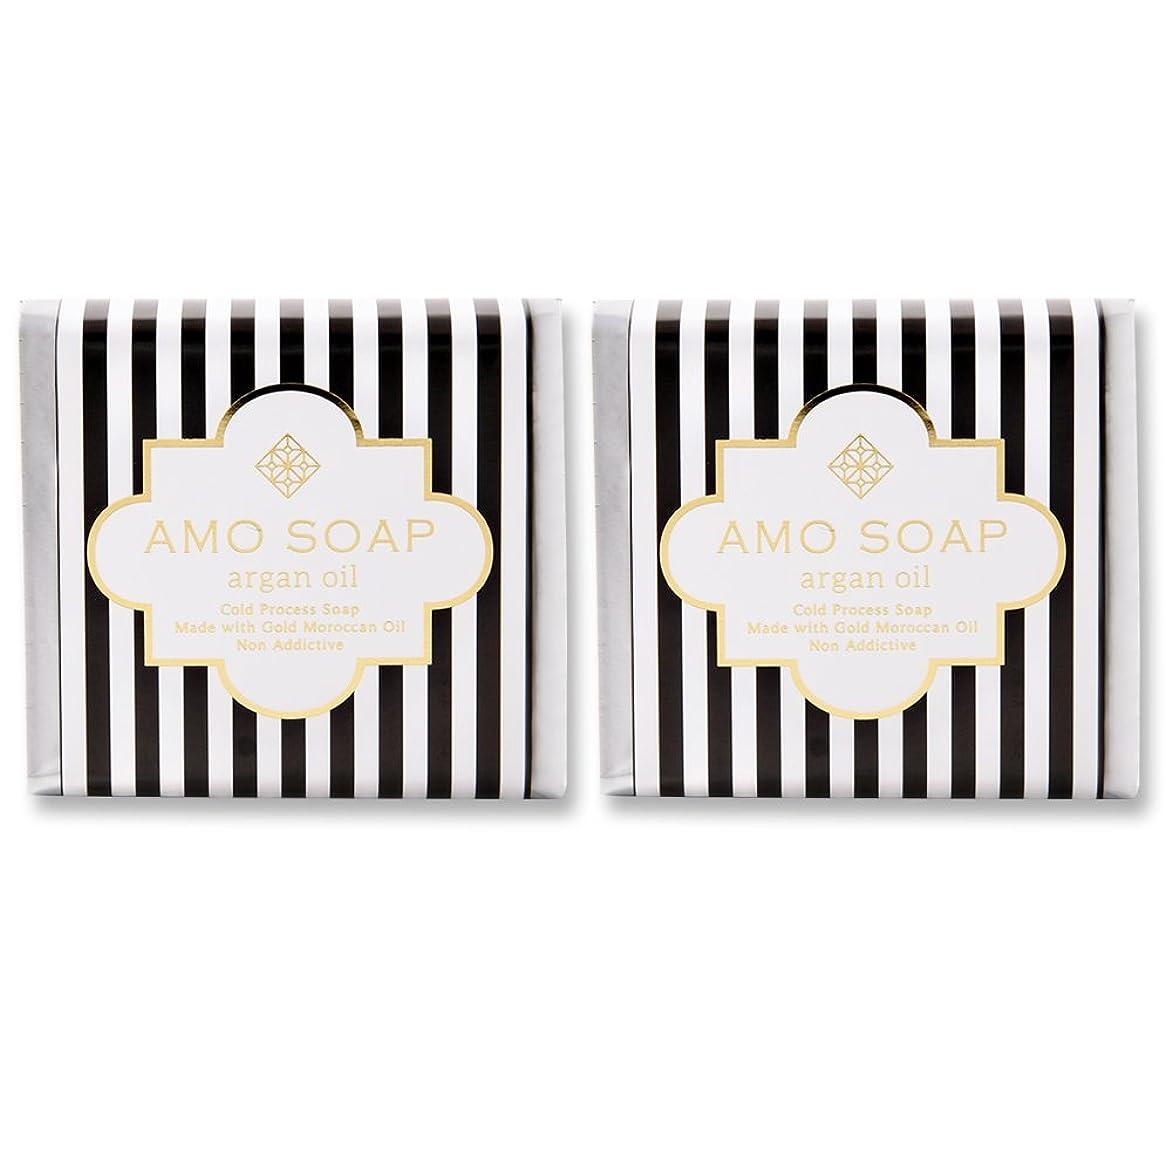 一般的に言えば夕食を食べるスポンジAMO SOAP(アモソープ) 洗顔せっけんアルガンオイル配合 2個 コールドプロセス製法 日本製 エイジングケア オリーブオイル シアバター